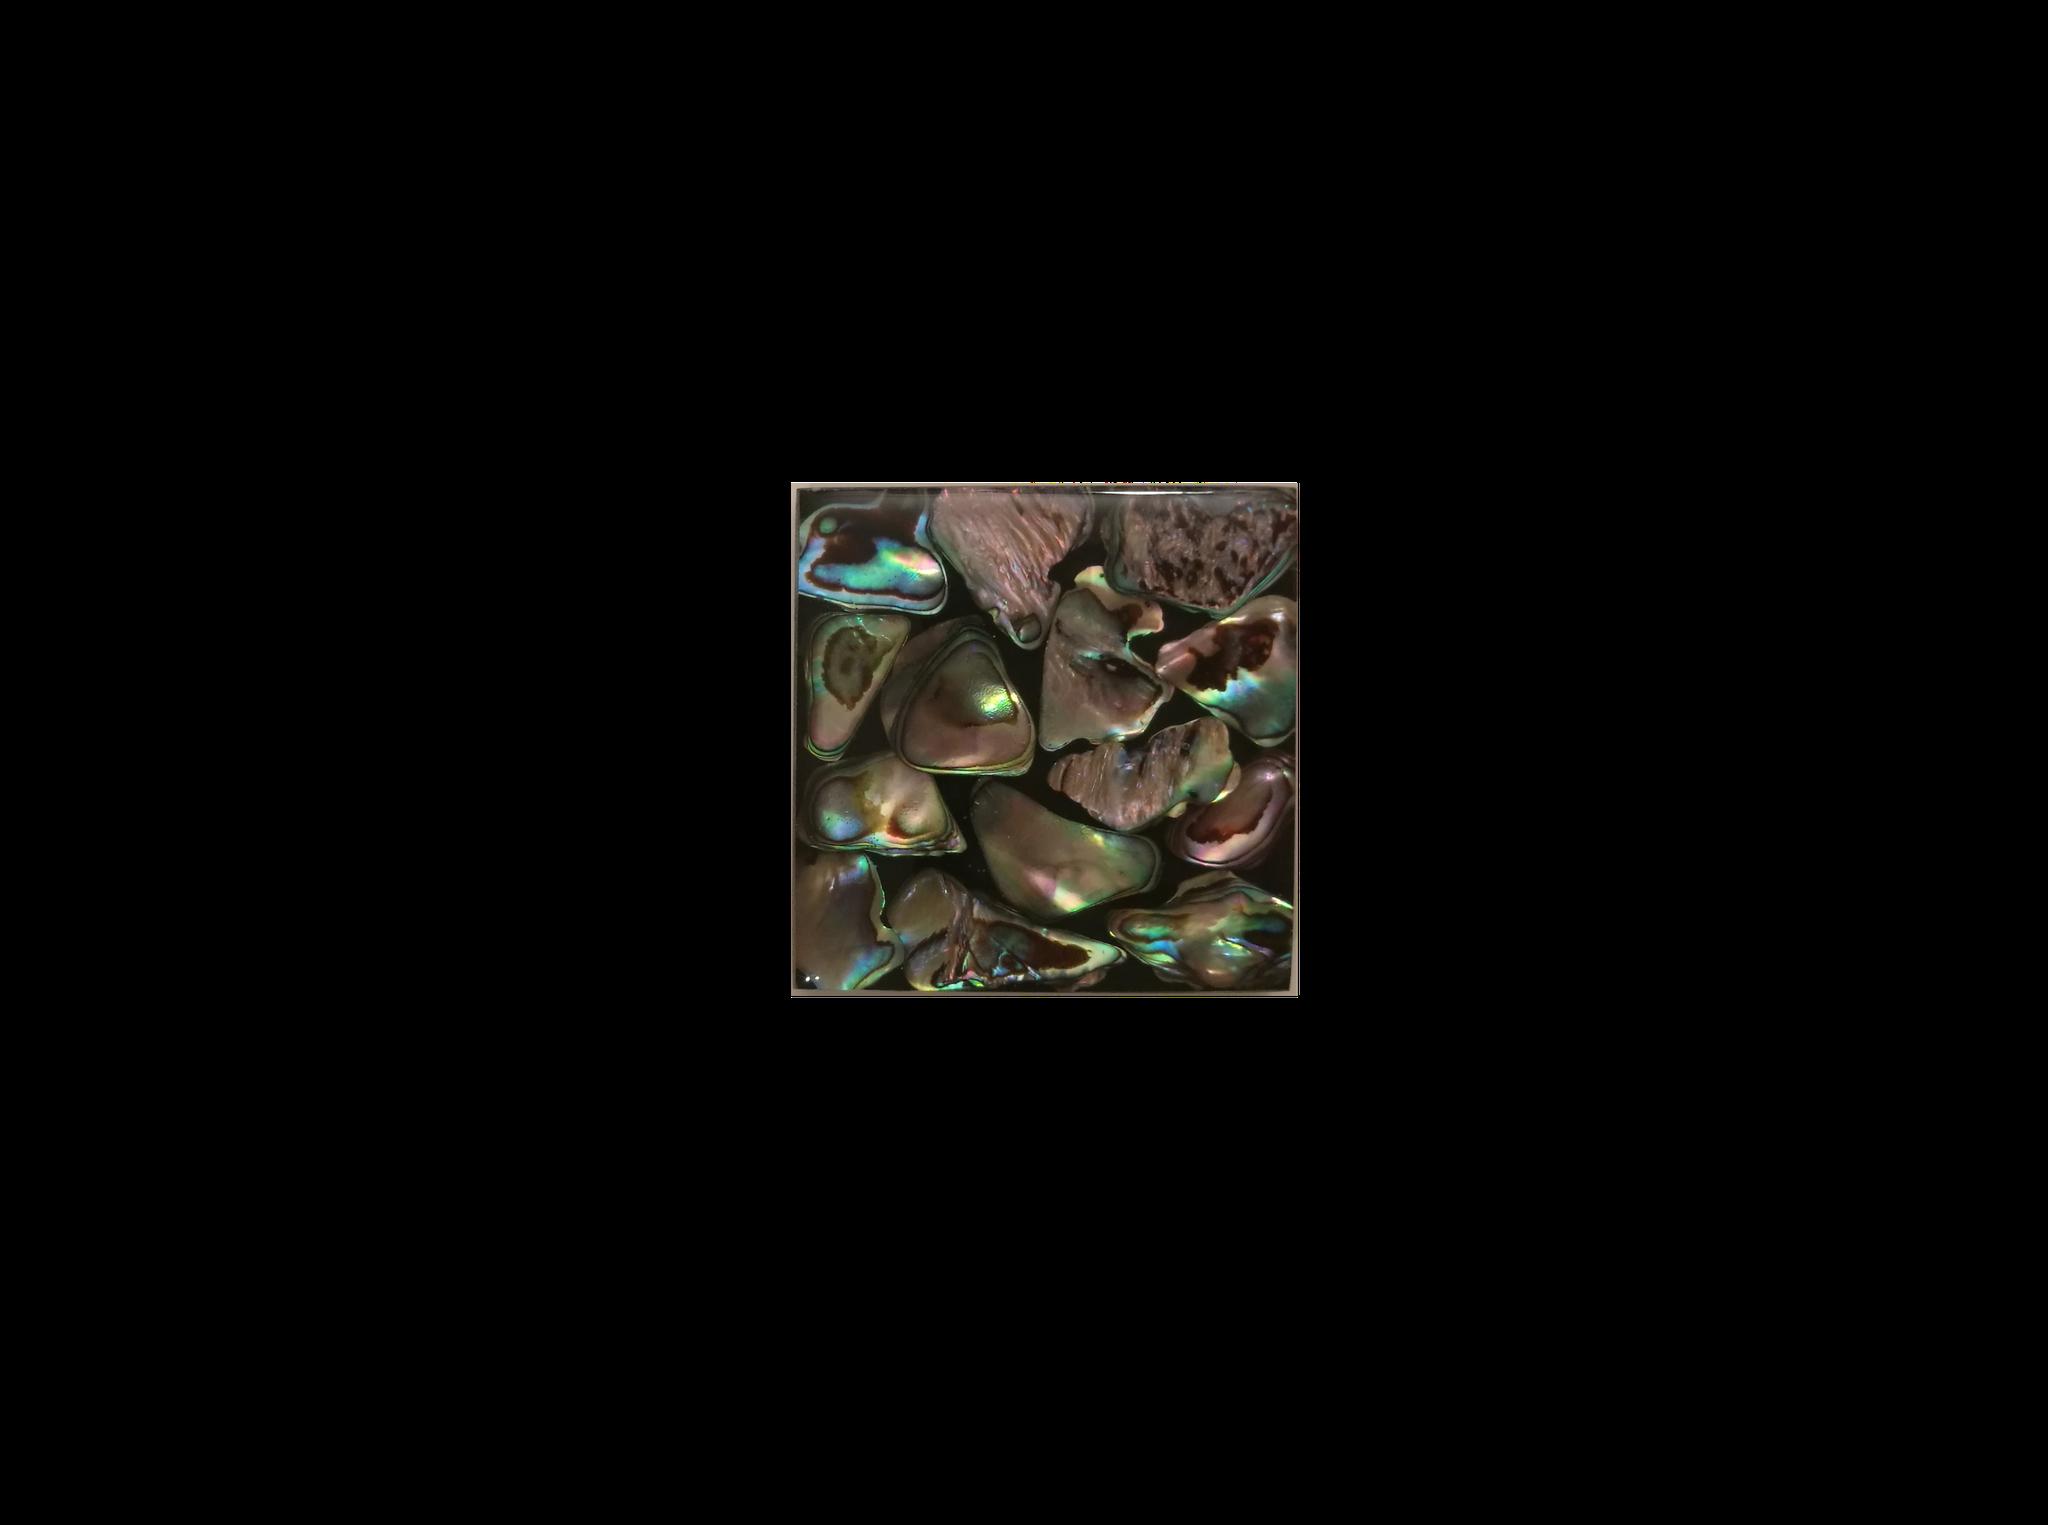 Muschelfliese 5x5cm